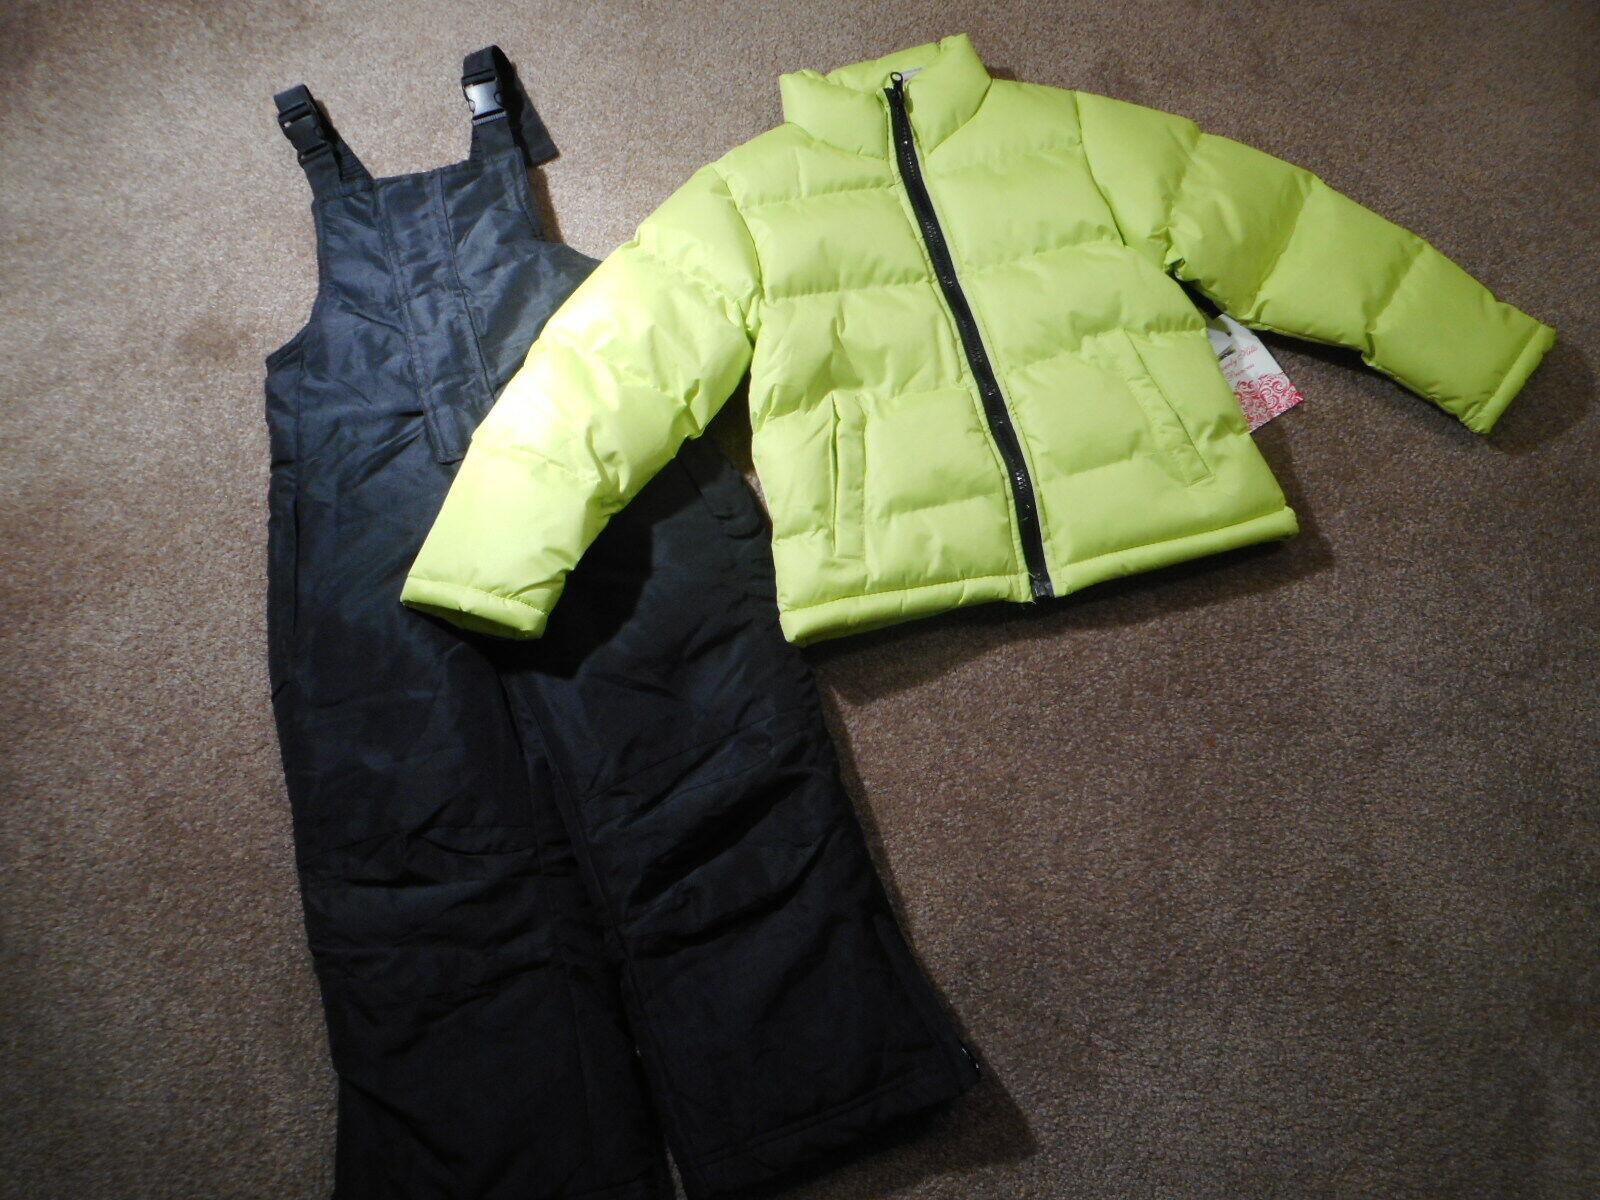 Snowsuits Coats Girls Outerwear Yellow Puffer jackets Black